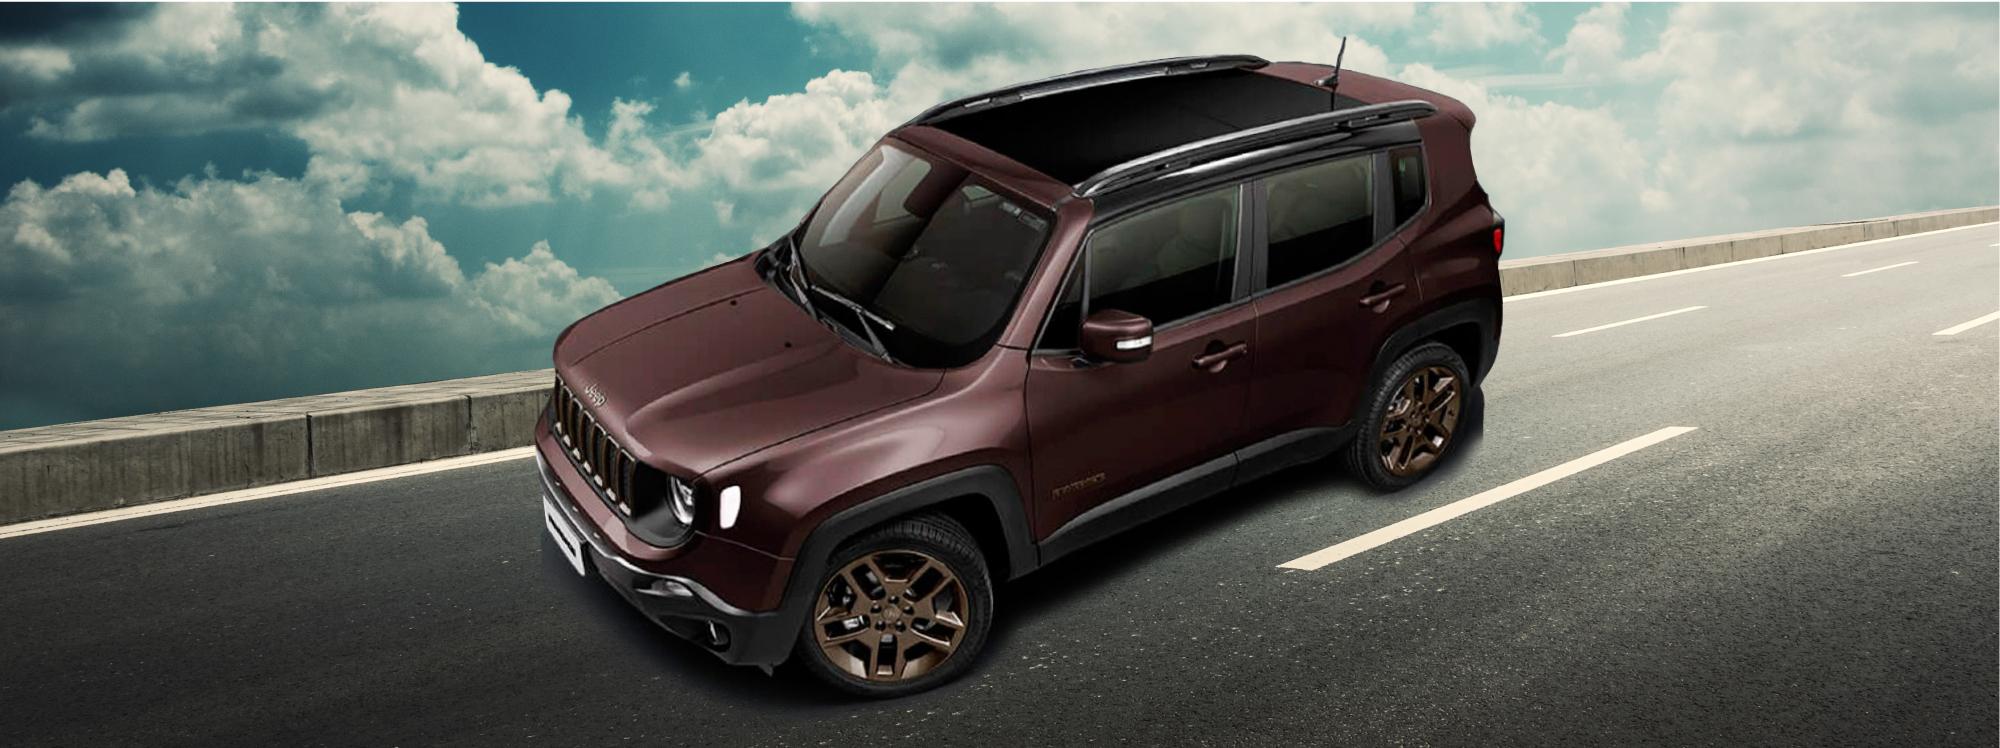 Bronze Edition: nueva versión especial del Jeep Renegade